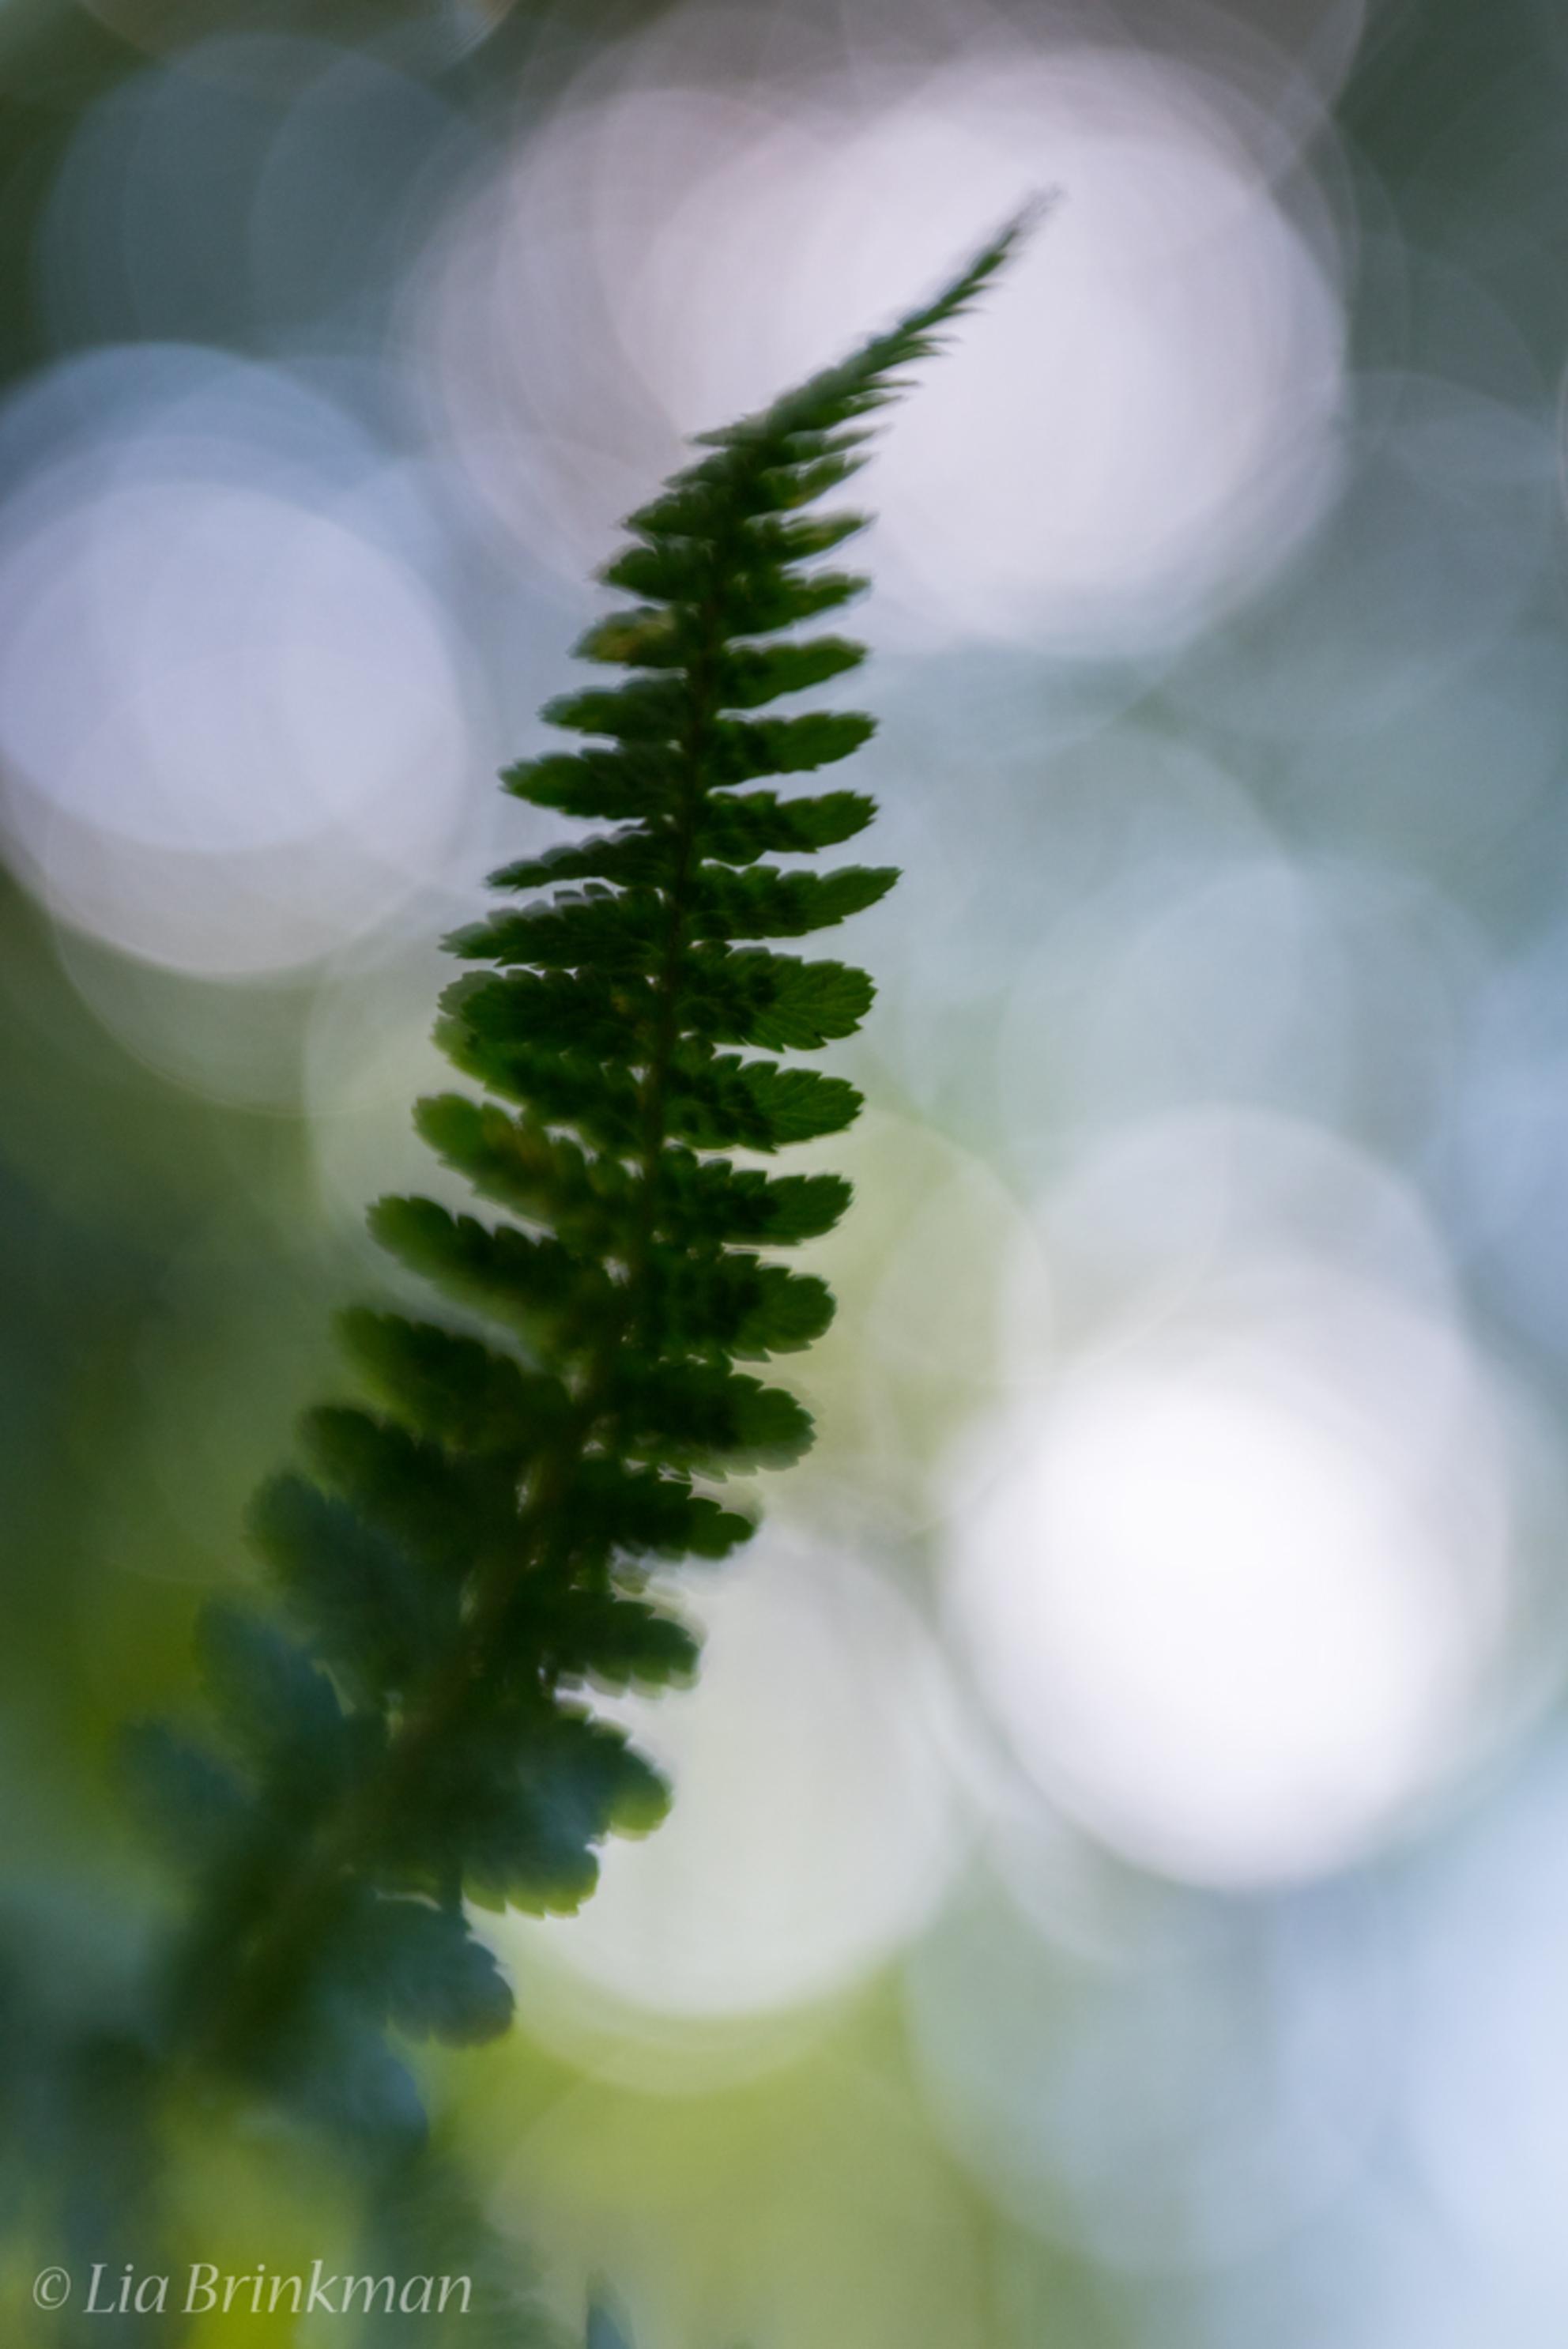 dancing in the forest - dancing in the forest,  De bladeren van de varens dansen vrolijk met de wind. - foto door hulsman op 24-07-2016 - deze foto bevat: groen, macro, geel, licht, blad, bos, tegenlicht, zomer, varen - Deze foto mag gebruikt worden in een Zoom.nl publicatie